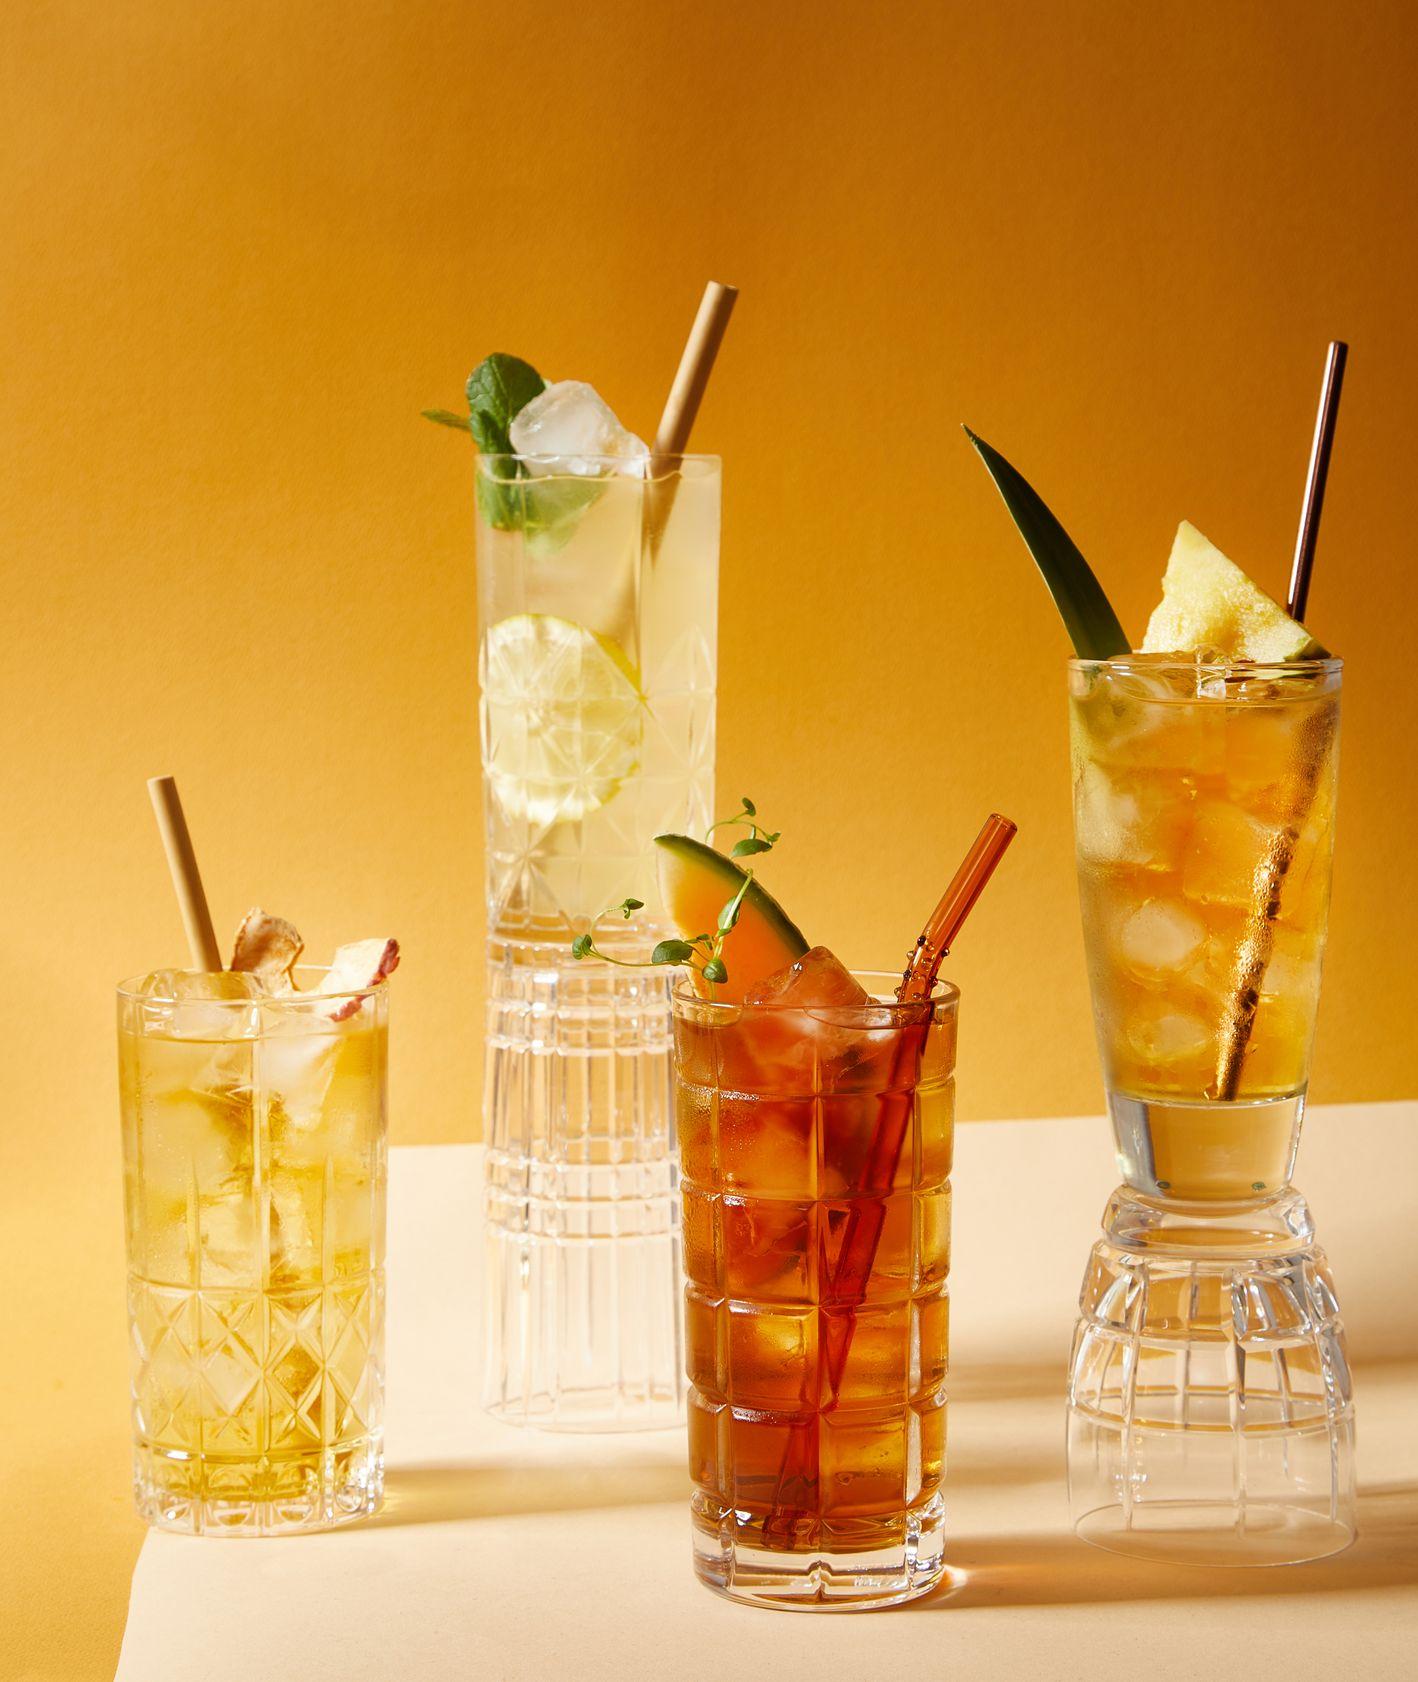 Przepisy na drinki z whiskey. Jak zrobić koktail z whiskey (fot. Maciek Niemojewski)